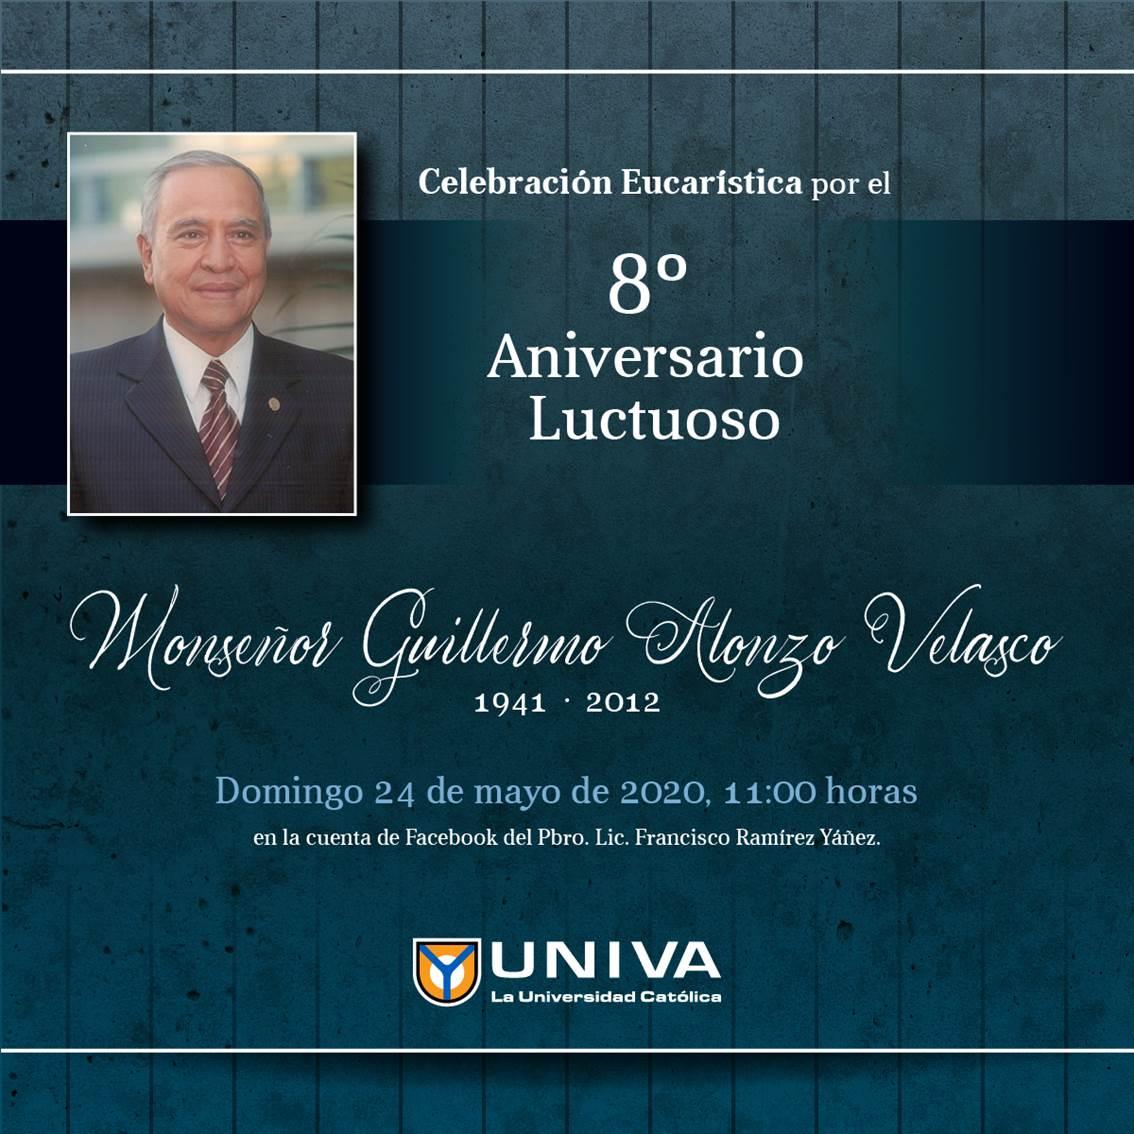 8º Aniversario Luctuoso Monseñor Guillermo Alonzo Velasco